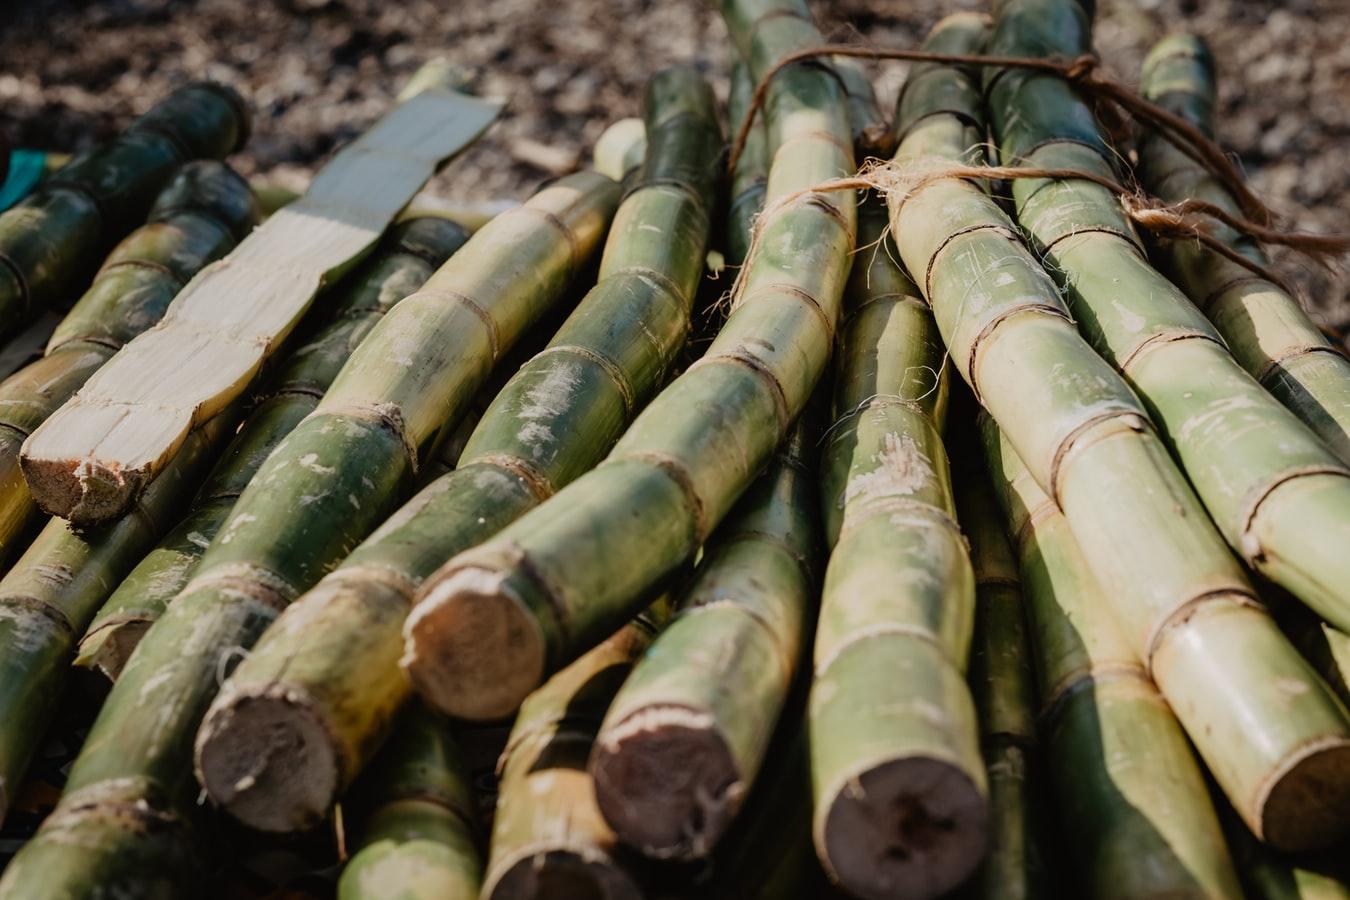 récolte de canne à sucre en guadeloupe